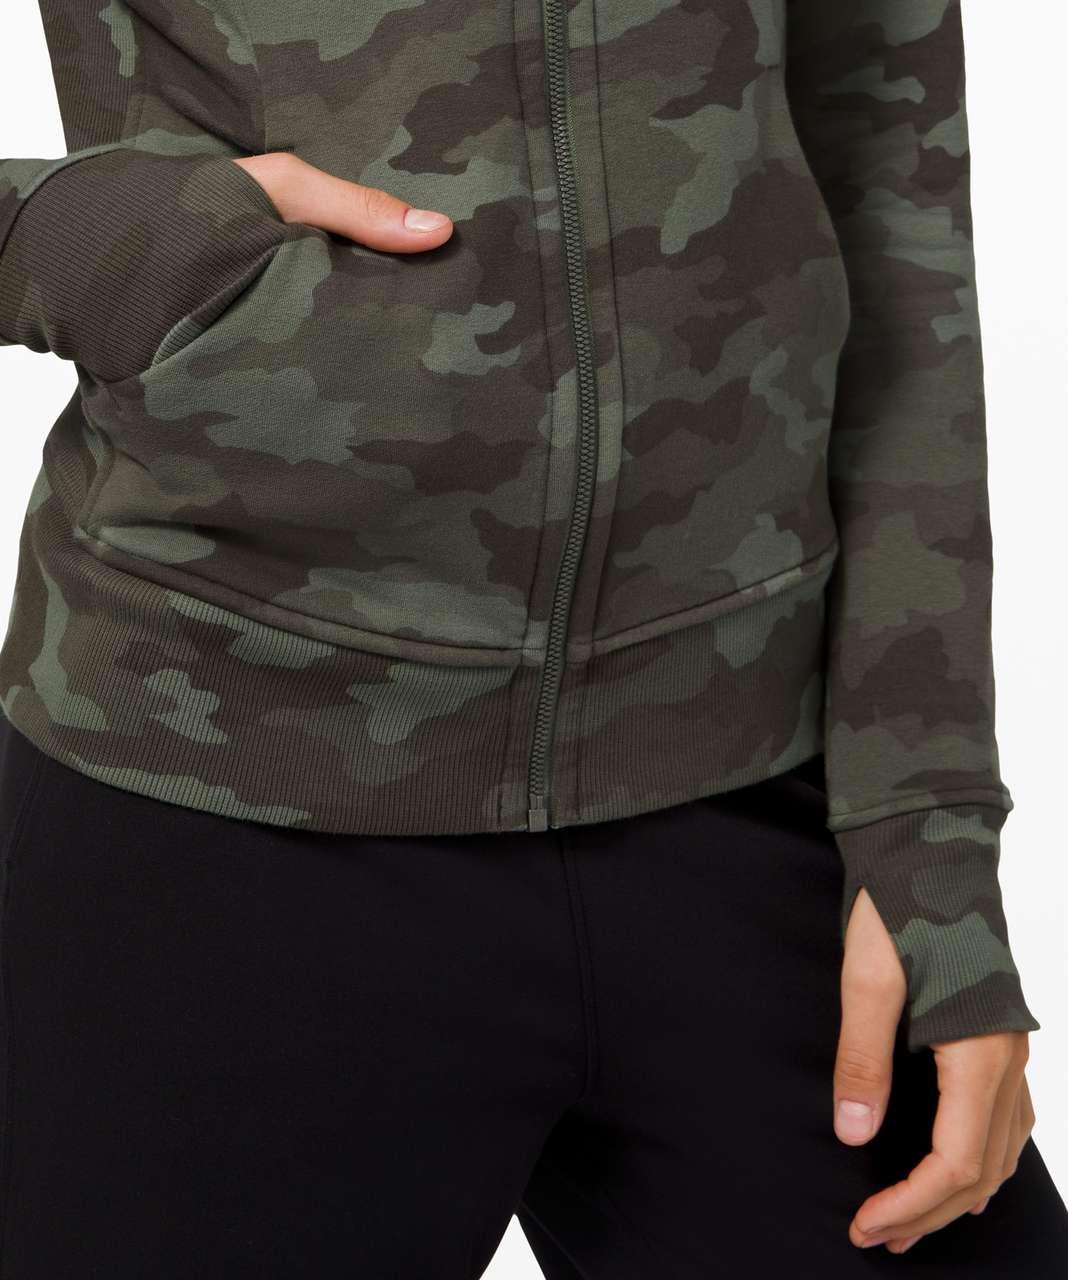 Lululemon Scuba Hoodie *Light Cotton Fleece - Heritage 365 Camo Green Twill Multi